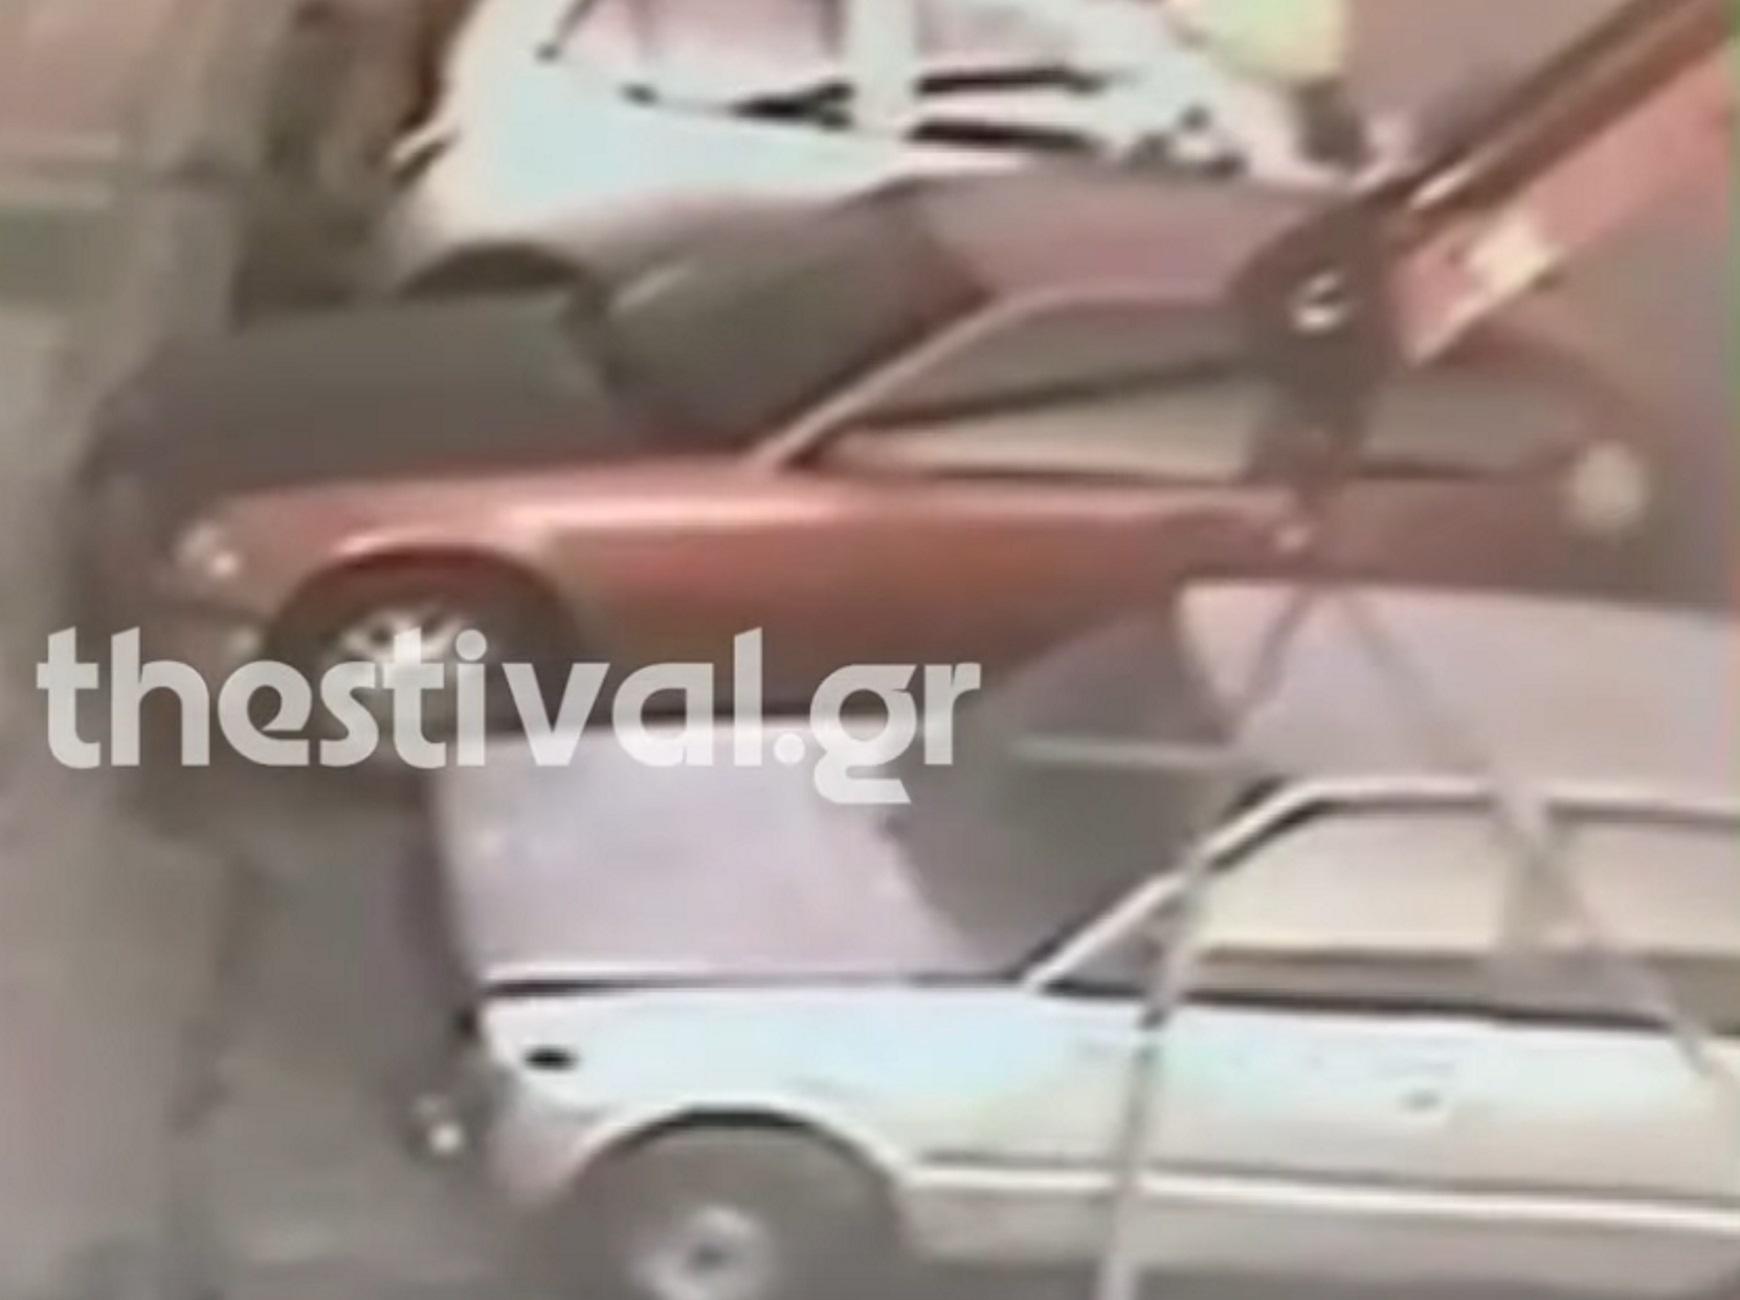 Θεσσαλονίκη: Βίντεο ντοκουμέντο από την κλοπή αυτοκινήτου με γερανό! Οι κινήσεις του δημοτικού υπαλλήλου